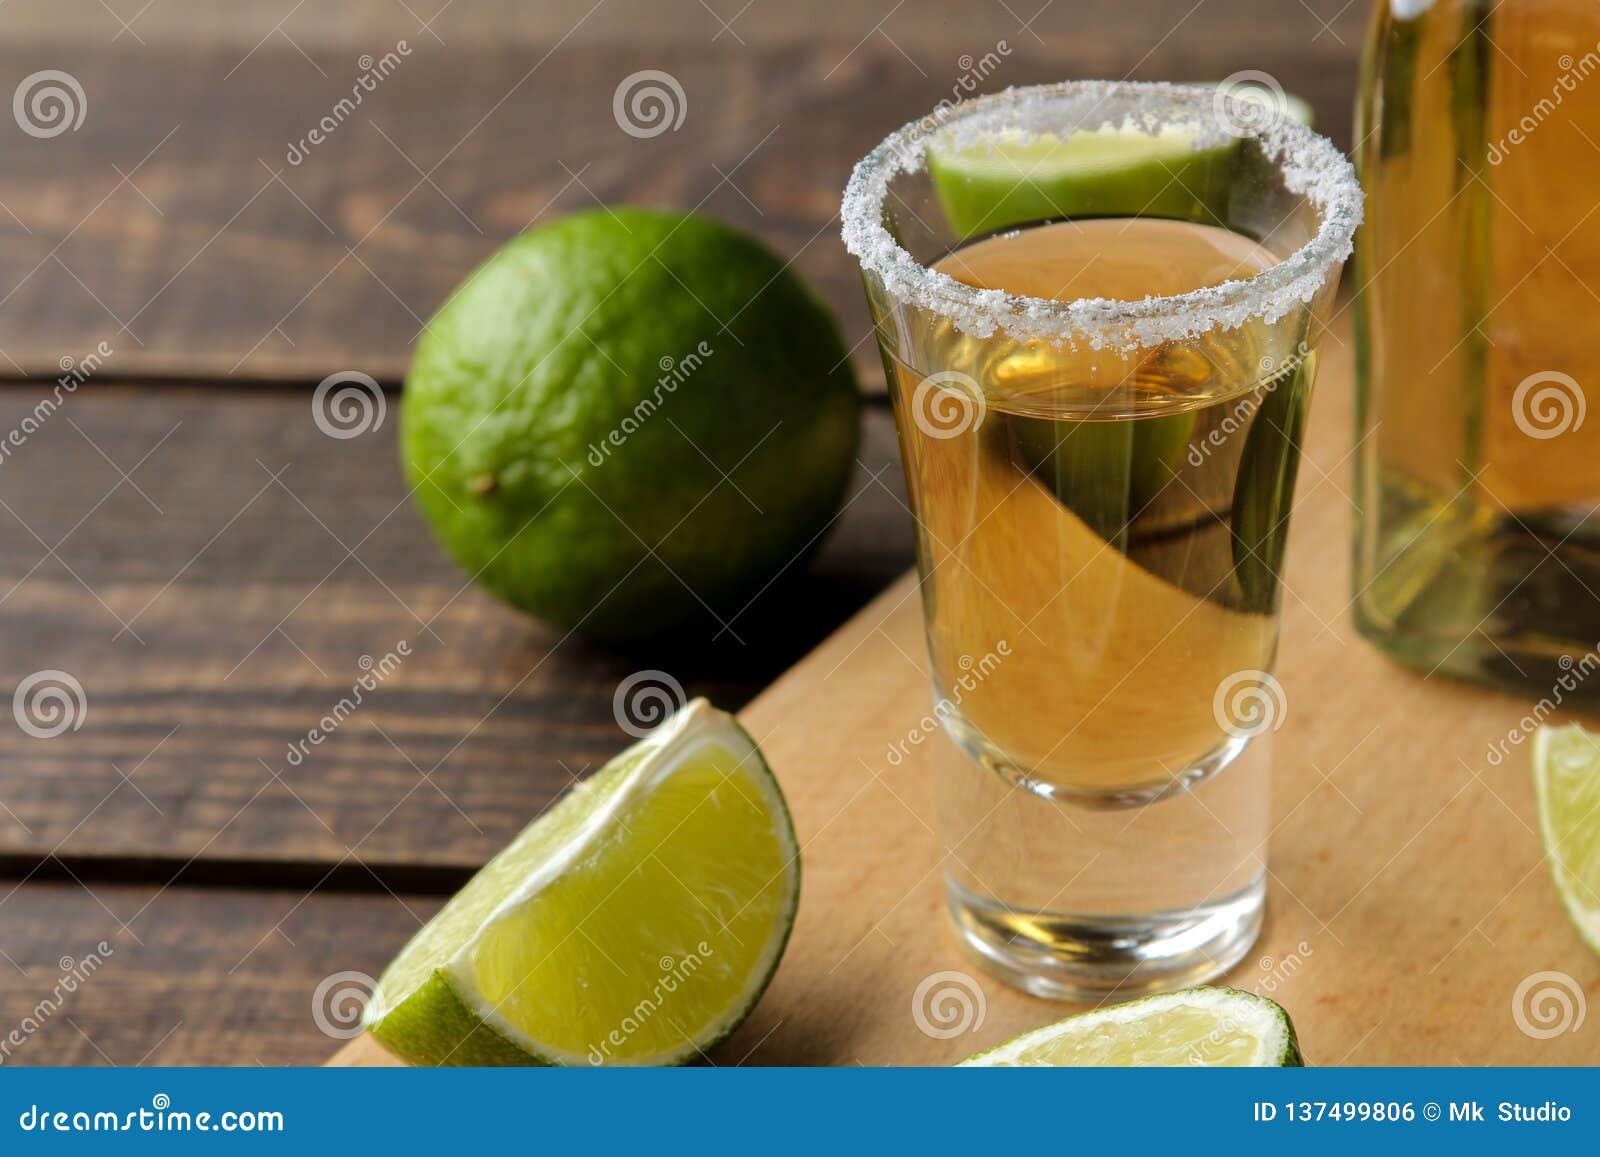 Gouden tequila in glas/glas- met zout en kalk dichte omhooggaand op bruine houten achtergrond